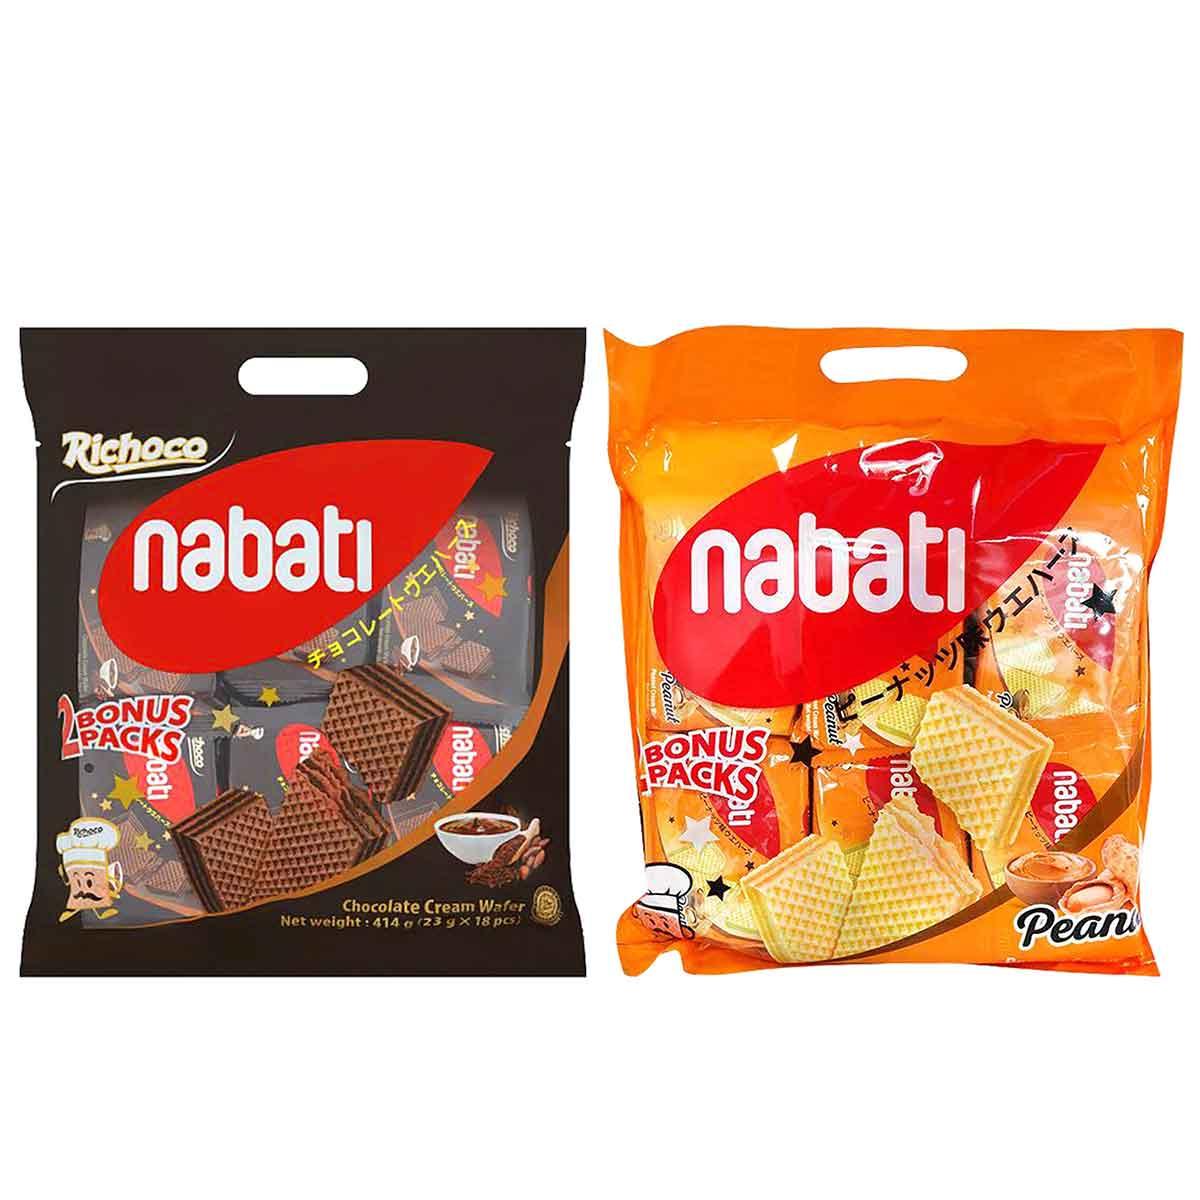 威化餅 花生風味 巧克力風味 印尼進口製造